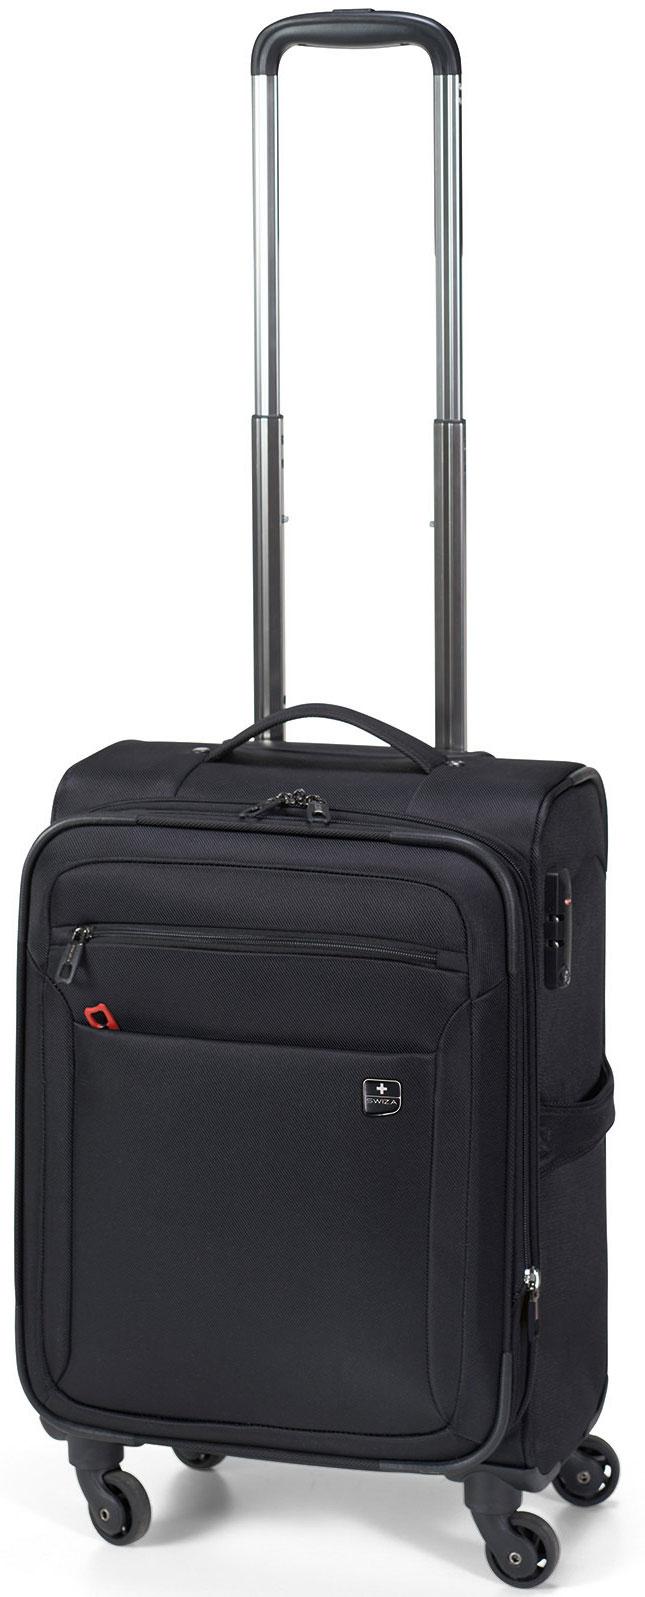 Чемодан SWIZA Eventual 20, цвет: черный, 54 х 36 х 23 смLSS.1000.01Стильный мягкий небольшой чемоданчик EVENTUAL подходит для ручной клади любого авиа перевозчика. Обеспечивая достаточно места для вещей для 2-3-х дневного путешествия со всеми наружными и внутренними карманами. С его колесиками, движущимися в разных направлениях, гарантируется легкая маневренность